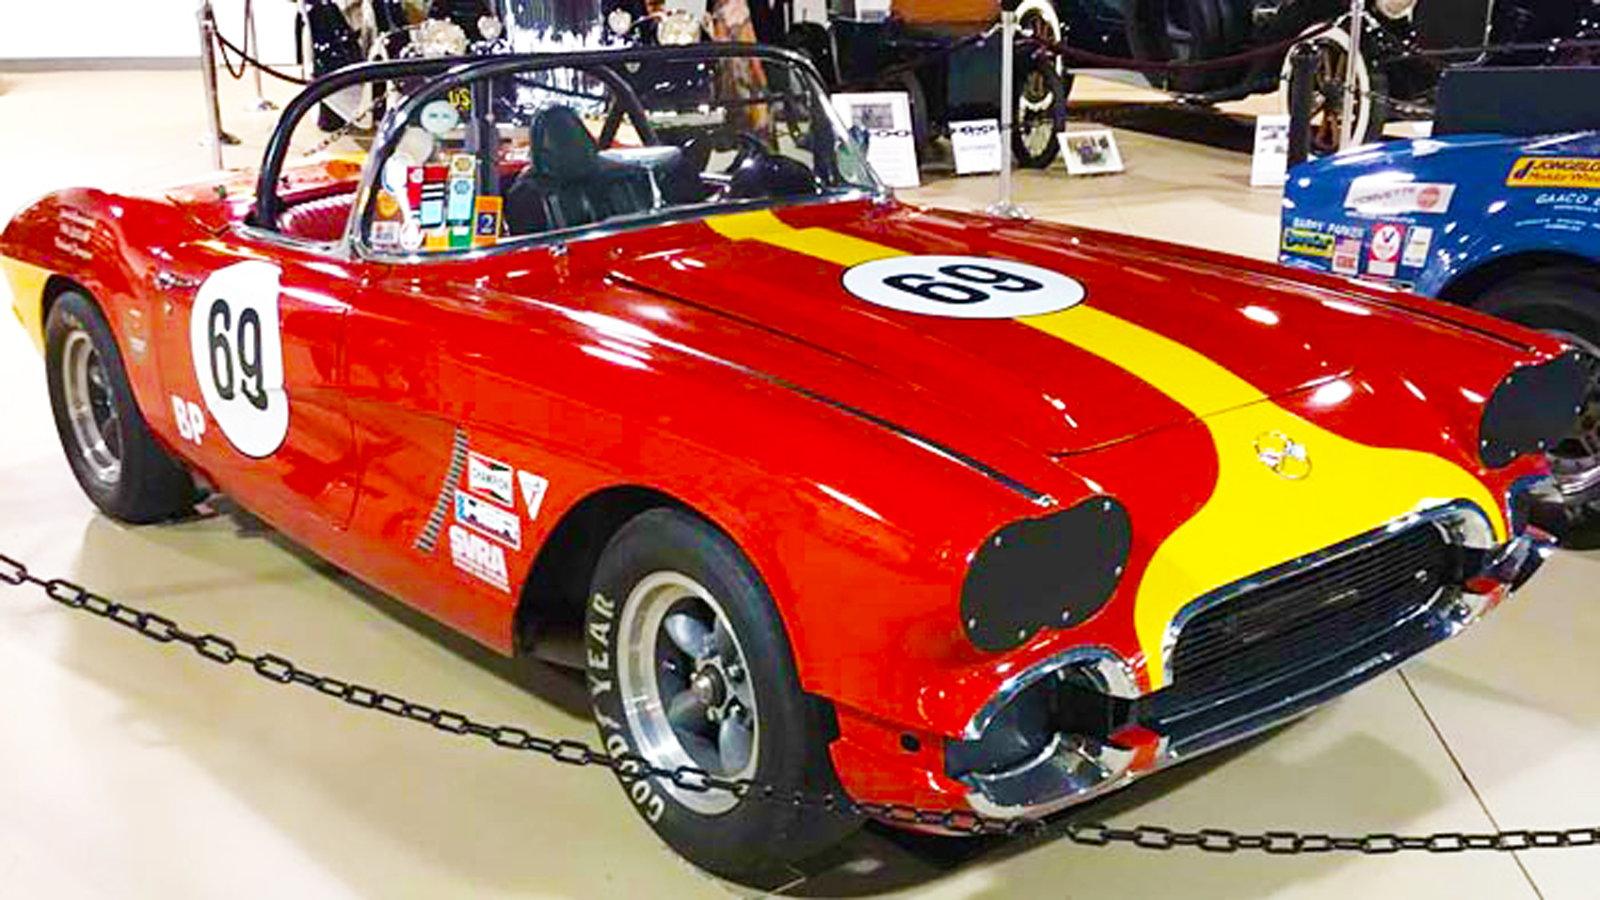 1962 Frank Dominianni #69 SCCA Racer